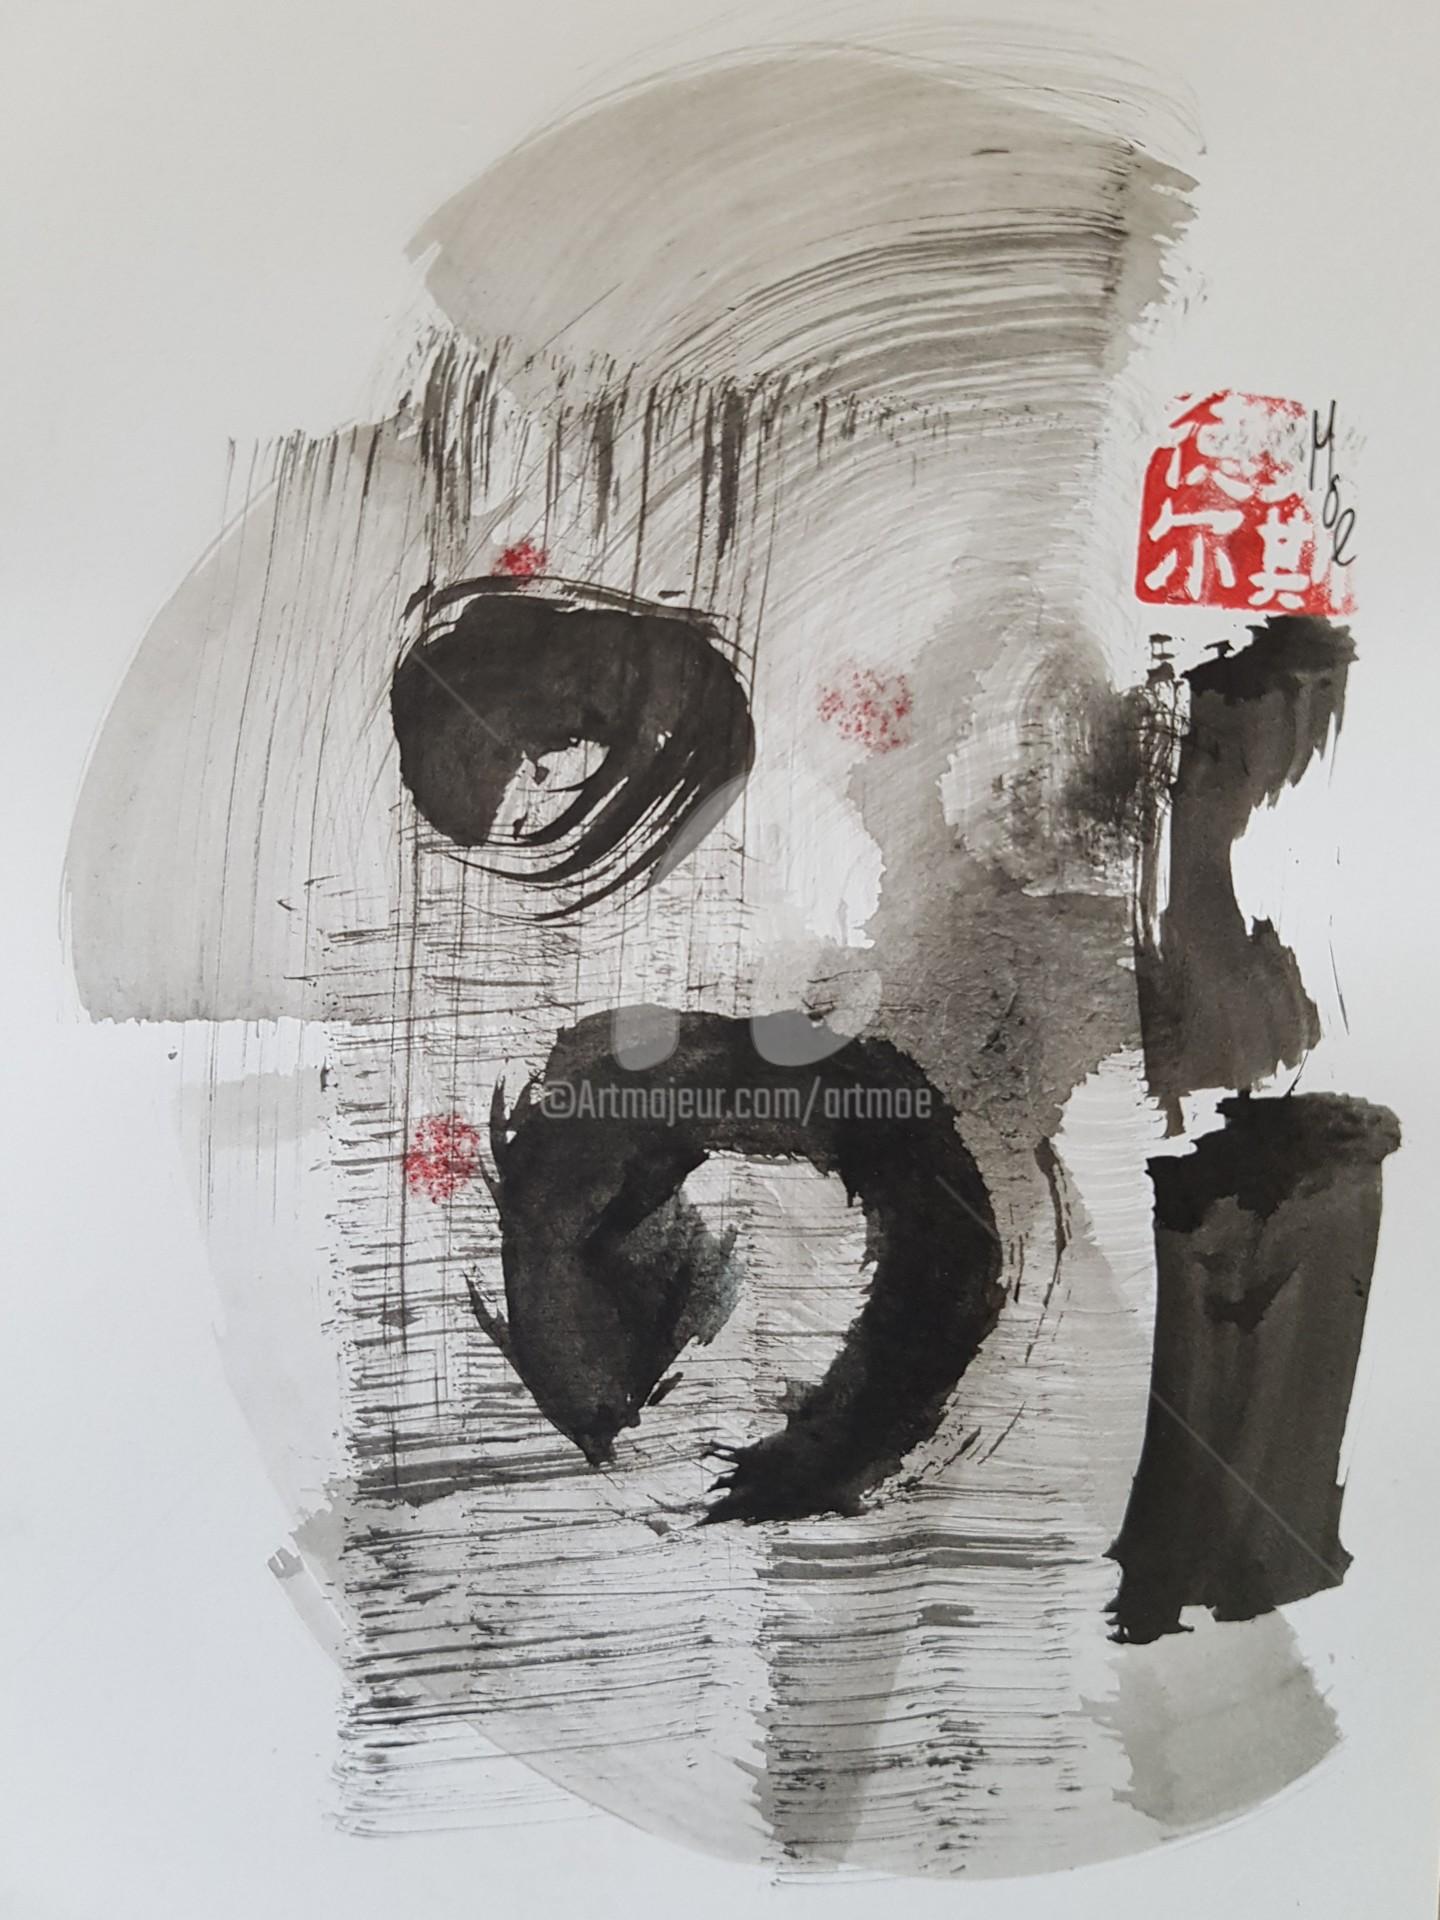 Art Moé - Sumi e Contemporary #8